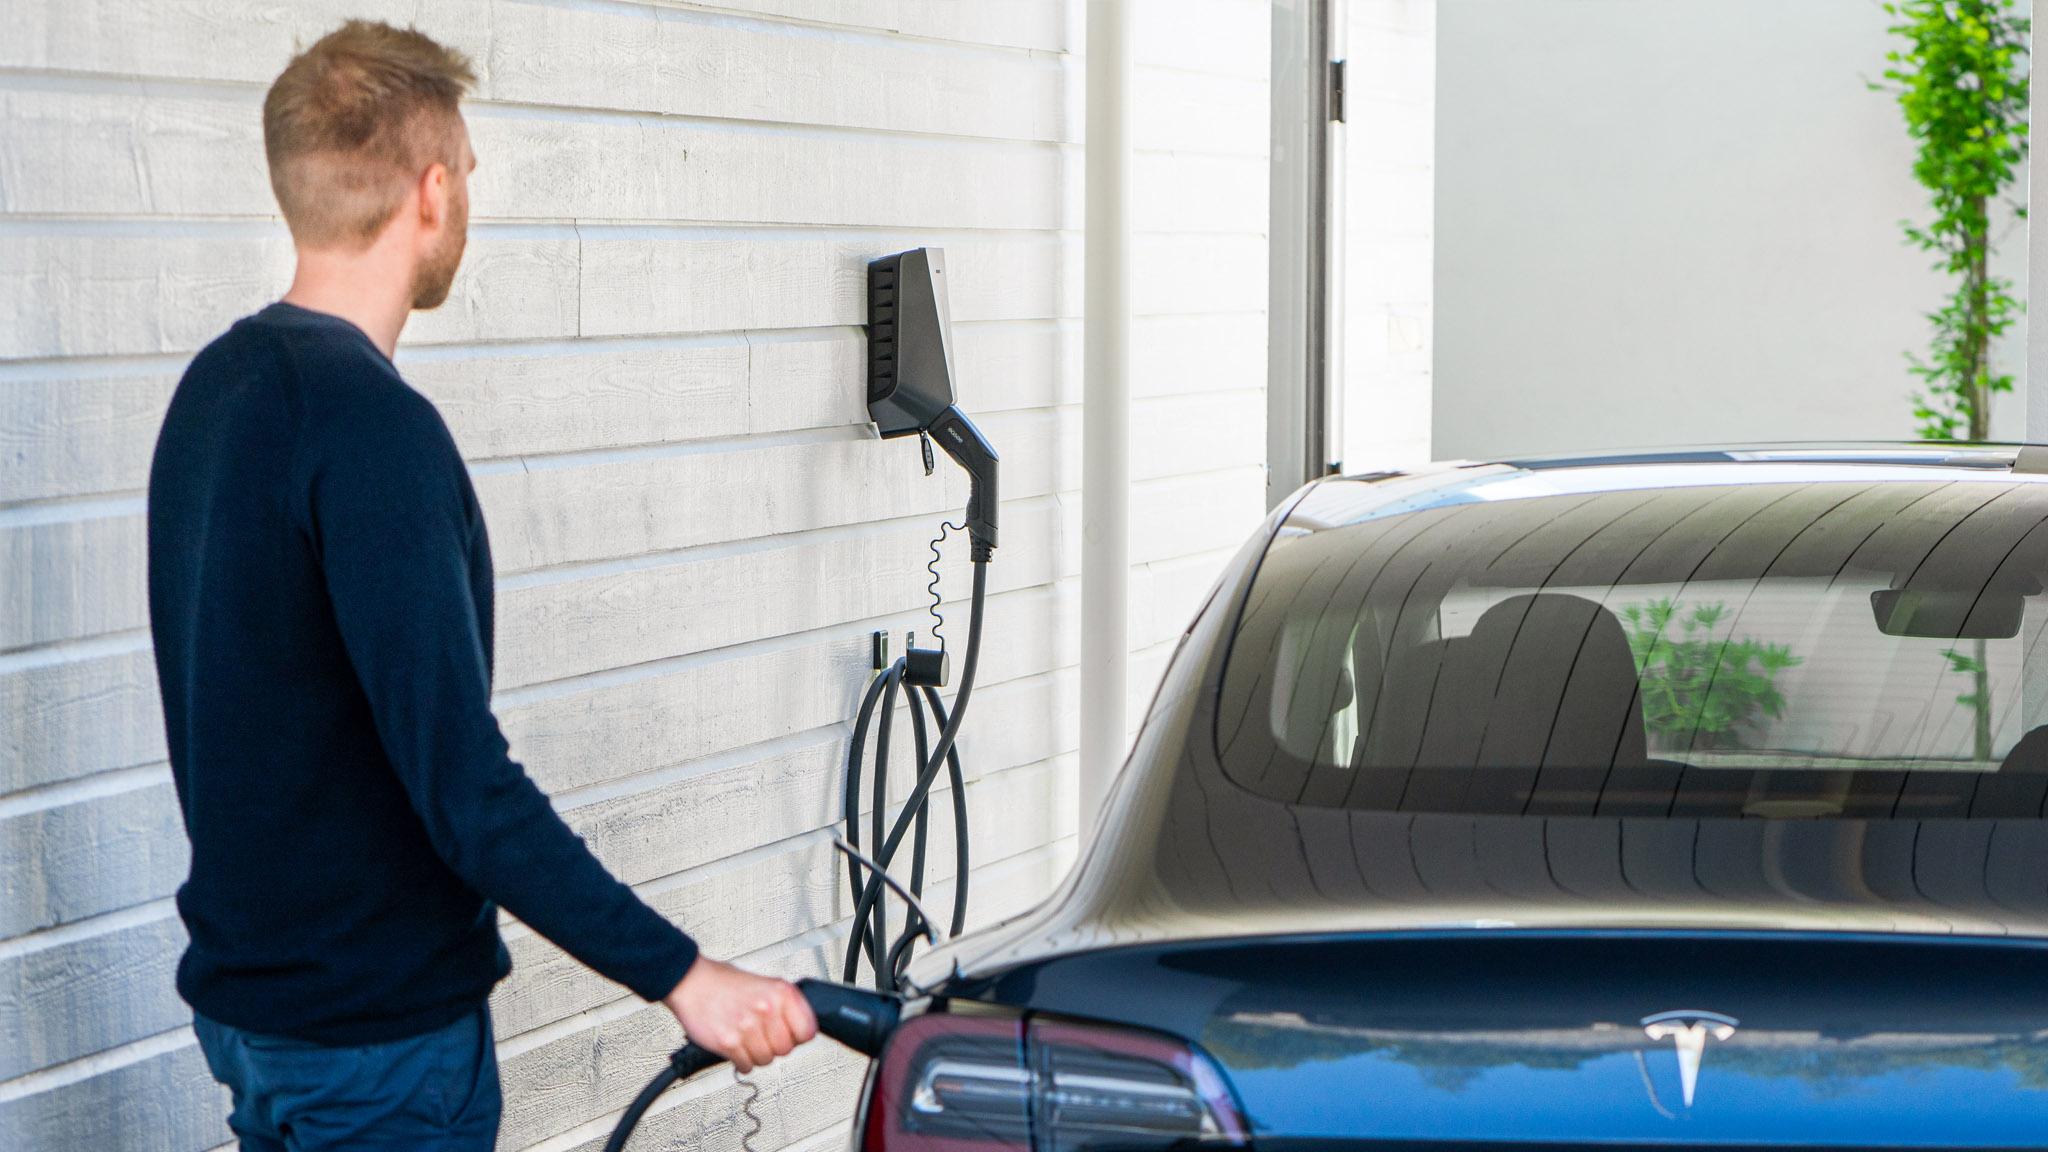 Slik kan feil lading av elbil være farlig | Lyse